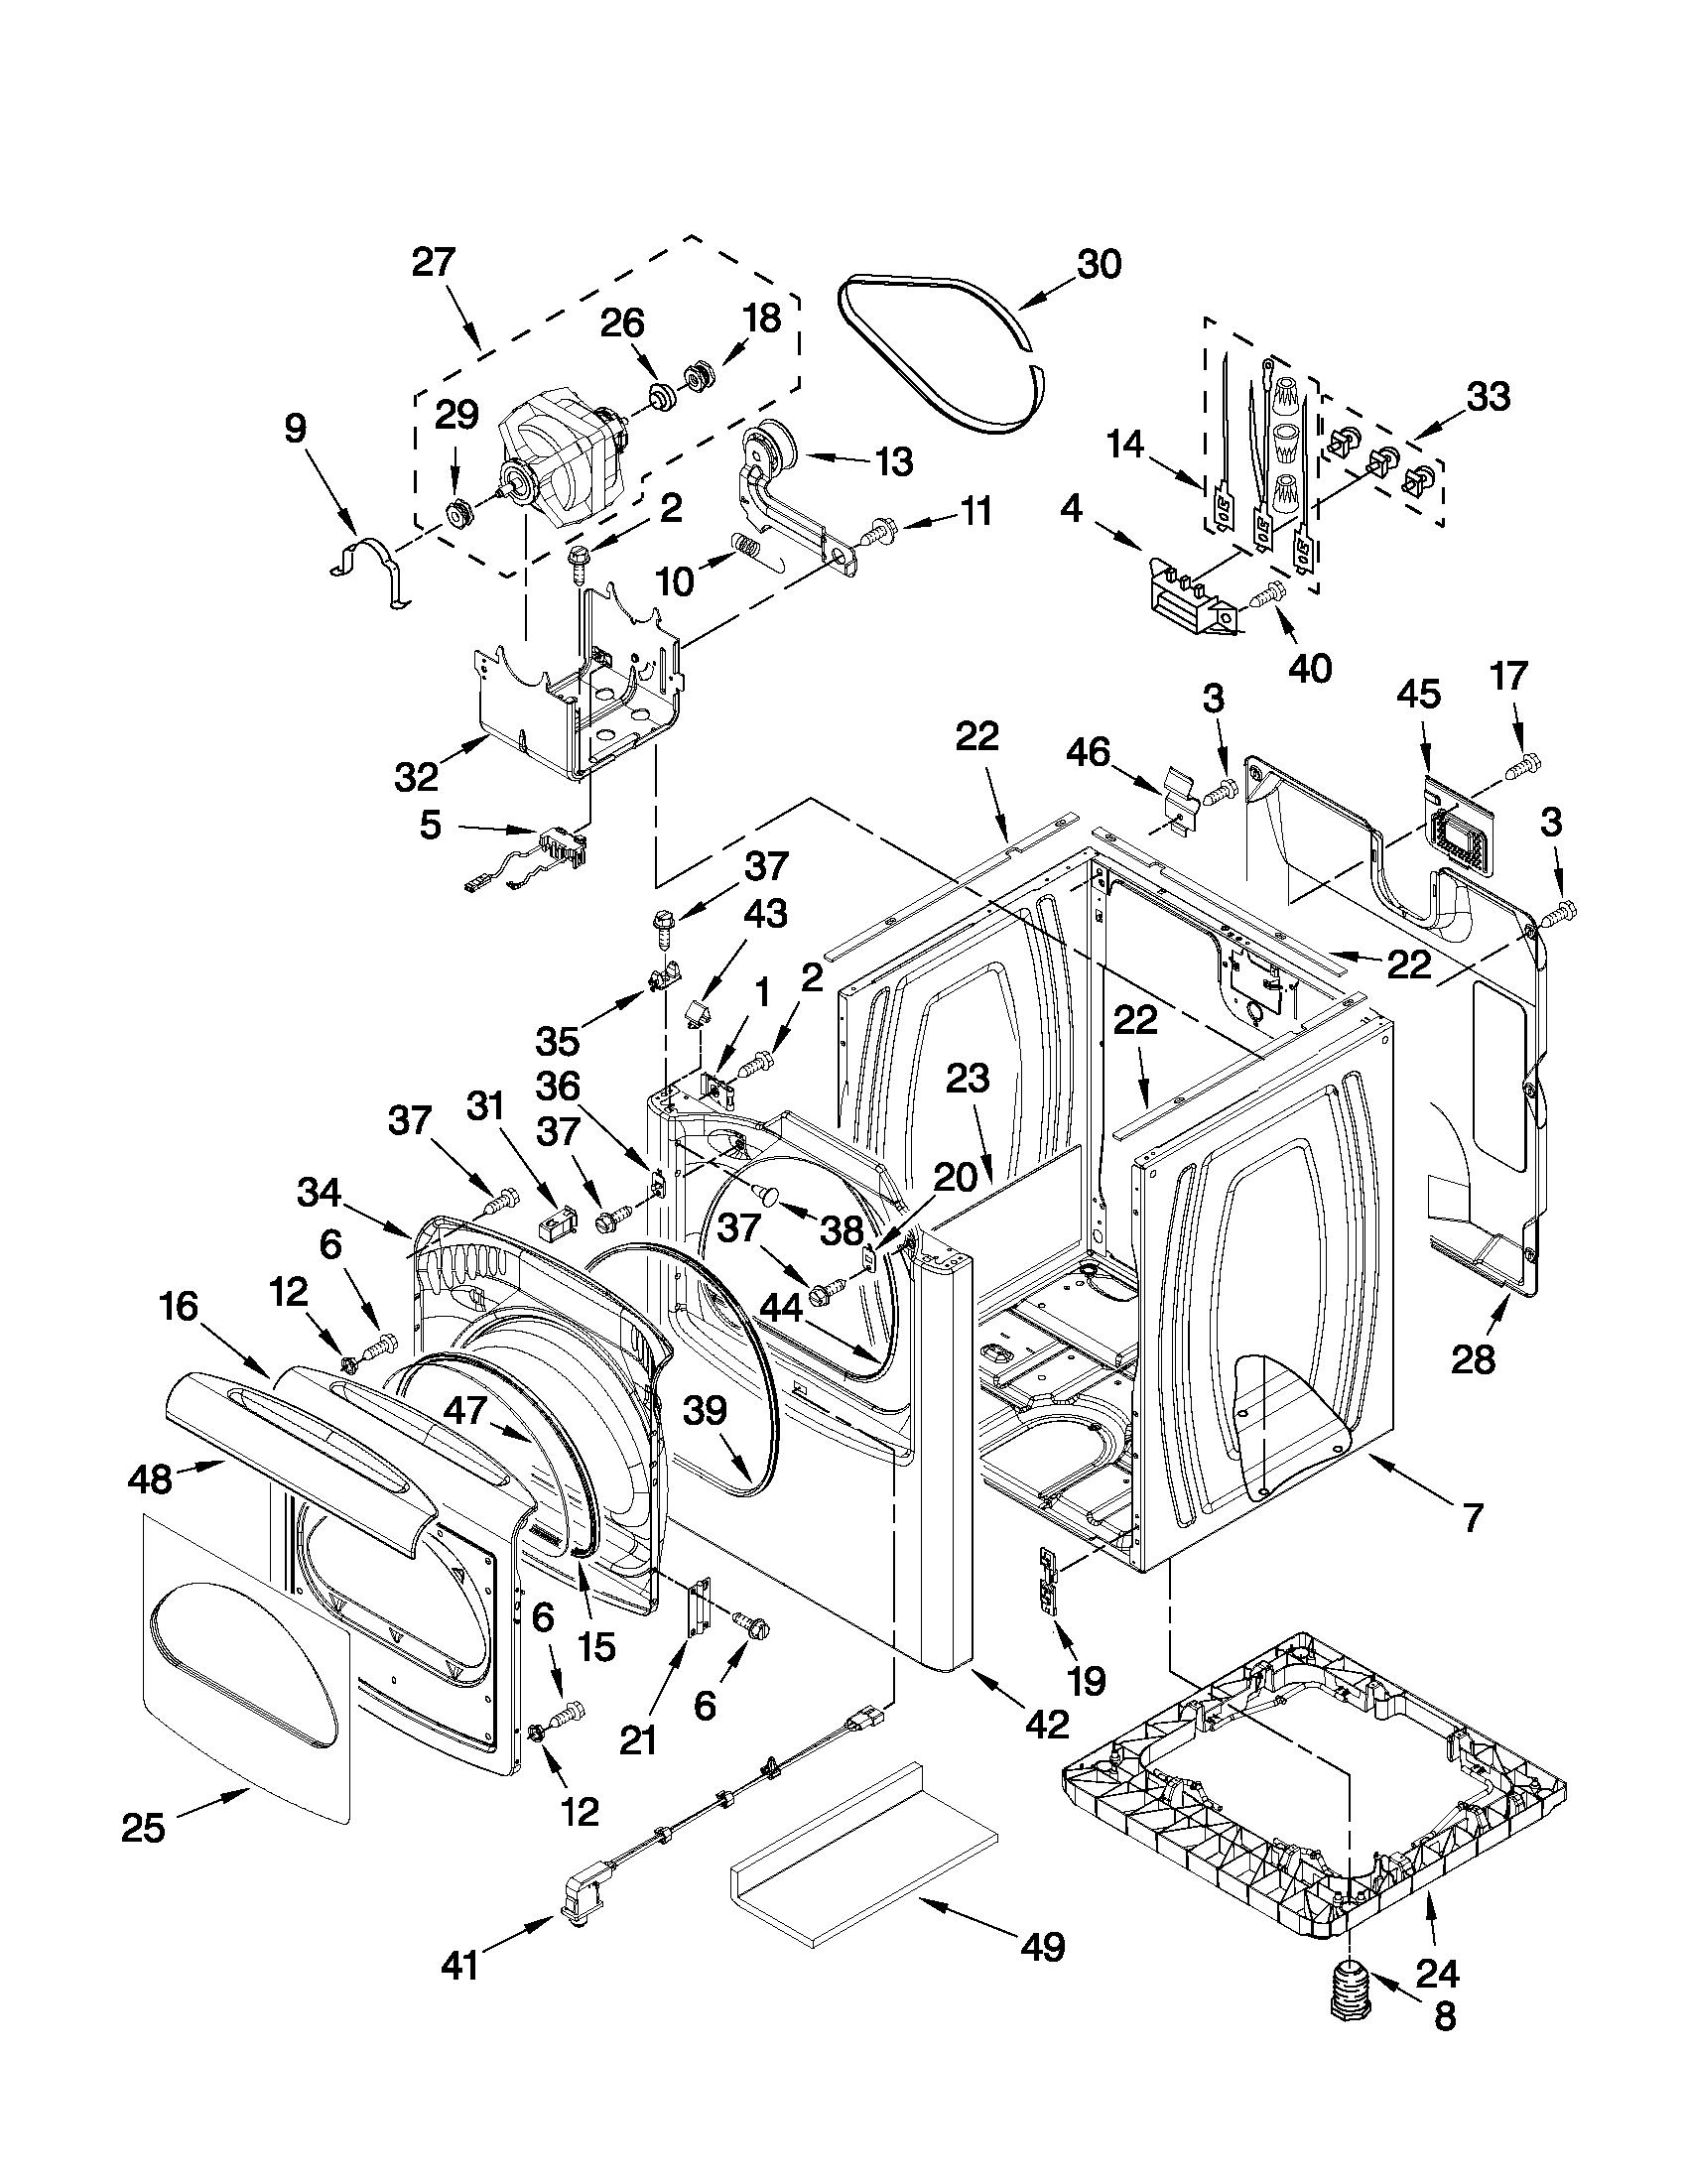 Cabi parts